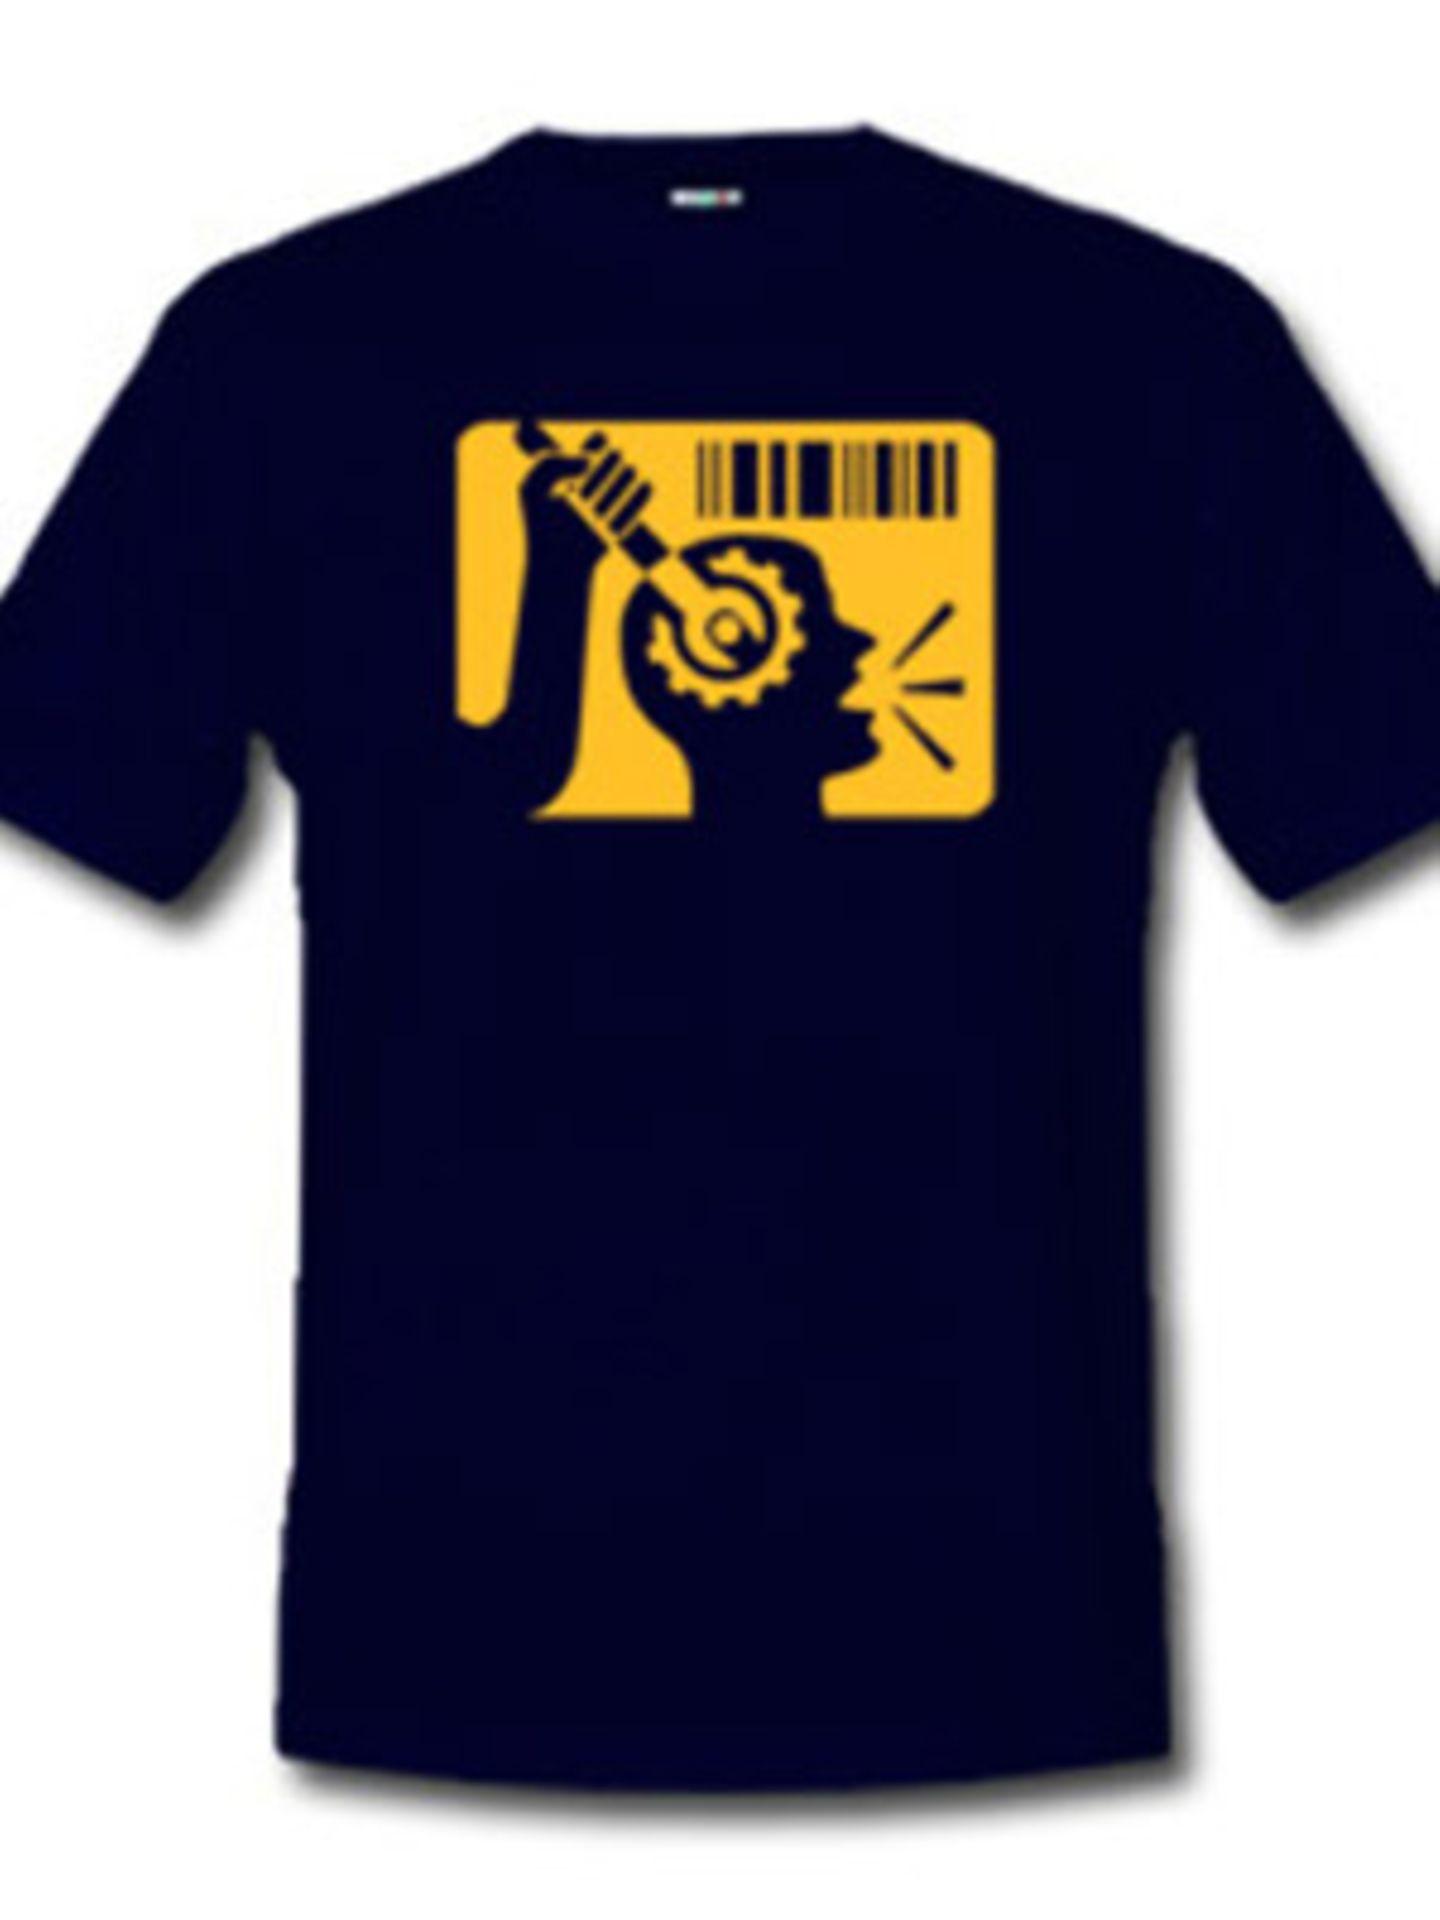 """Das Shirt zu George Orwells Kultroman """"1984"""" kostet ca. 19 Euro bei www.che-guevara.spreadshirt.net"""